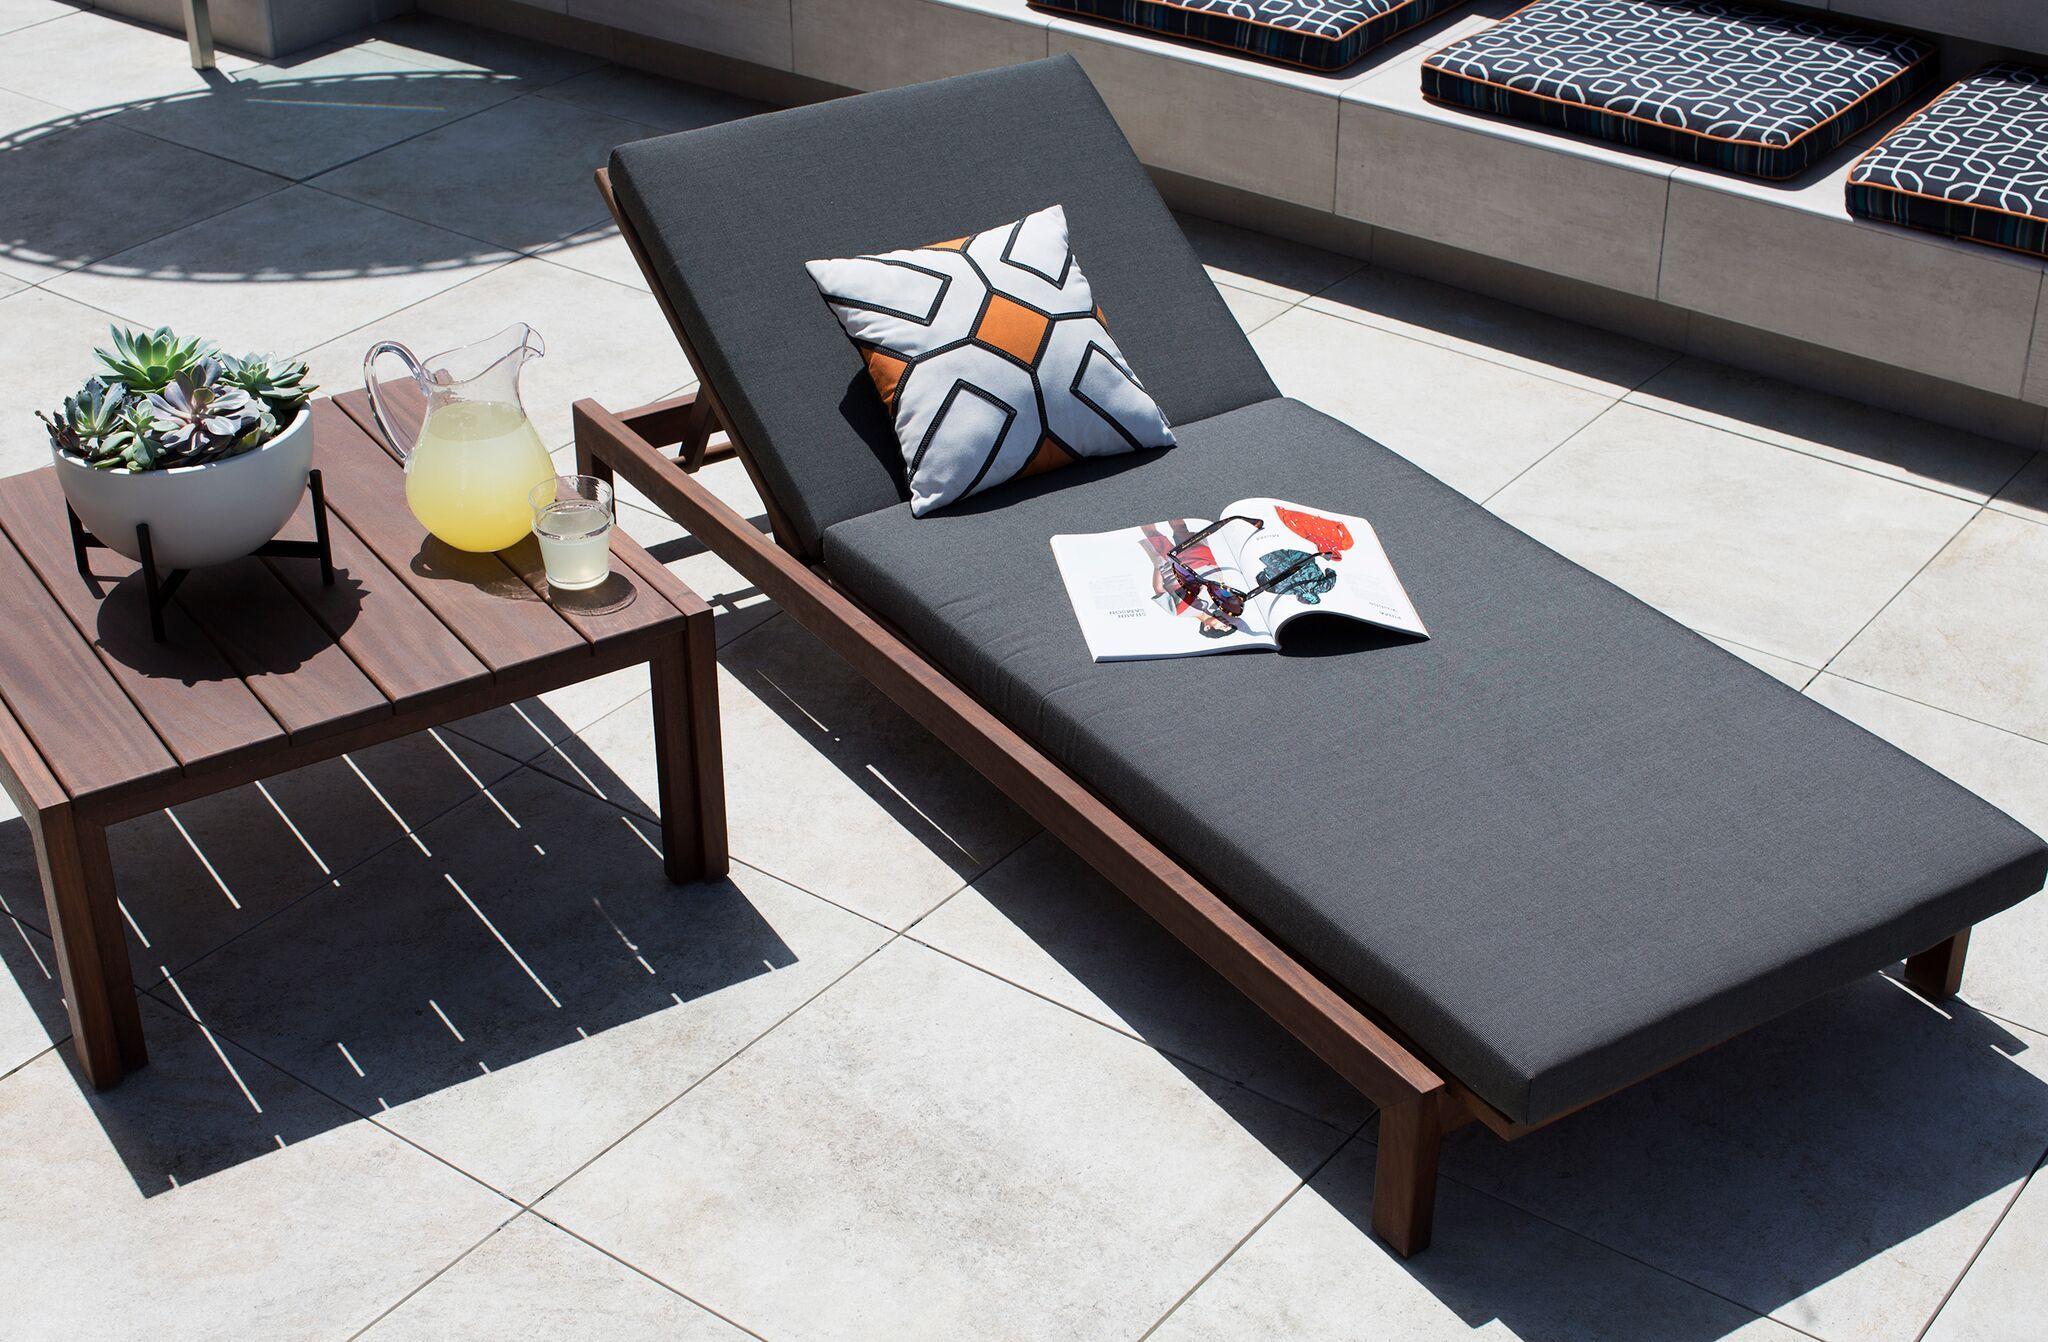 Modernica case study teak chaise upholstered